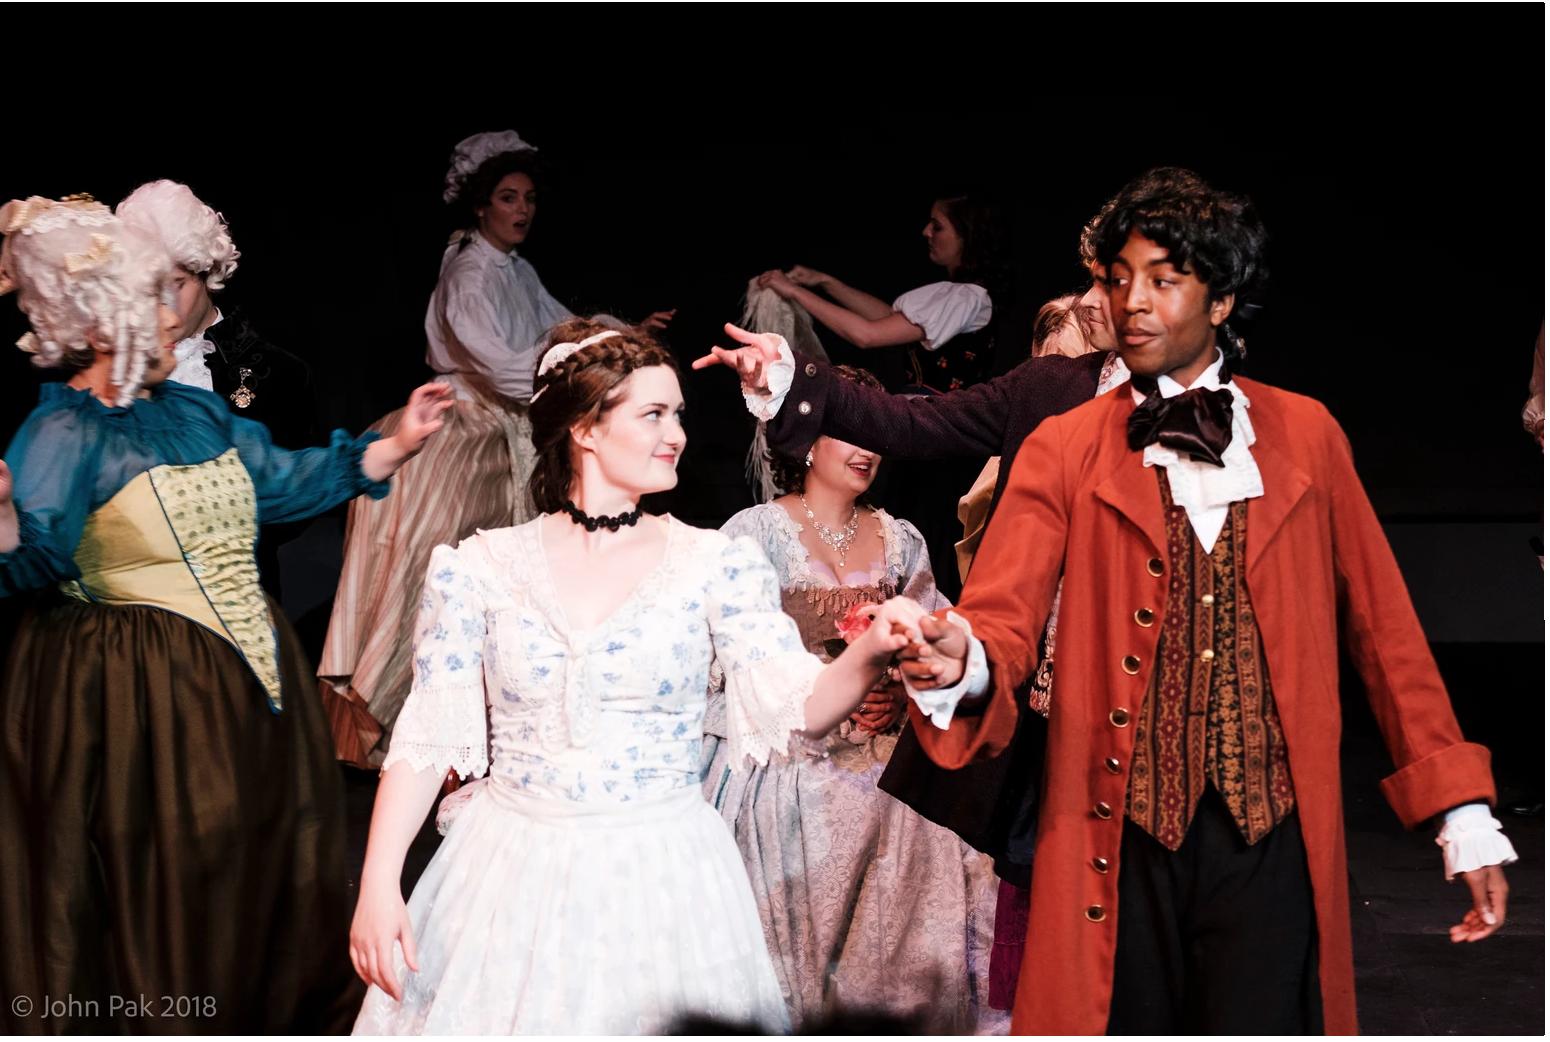 As Susanna in Le nozze di Figaro